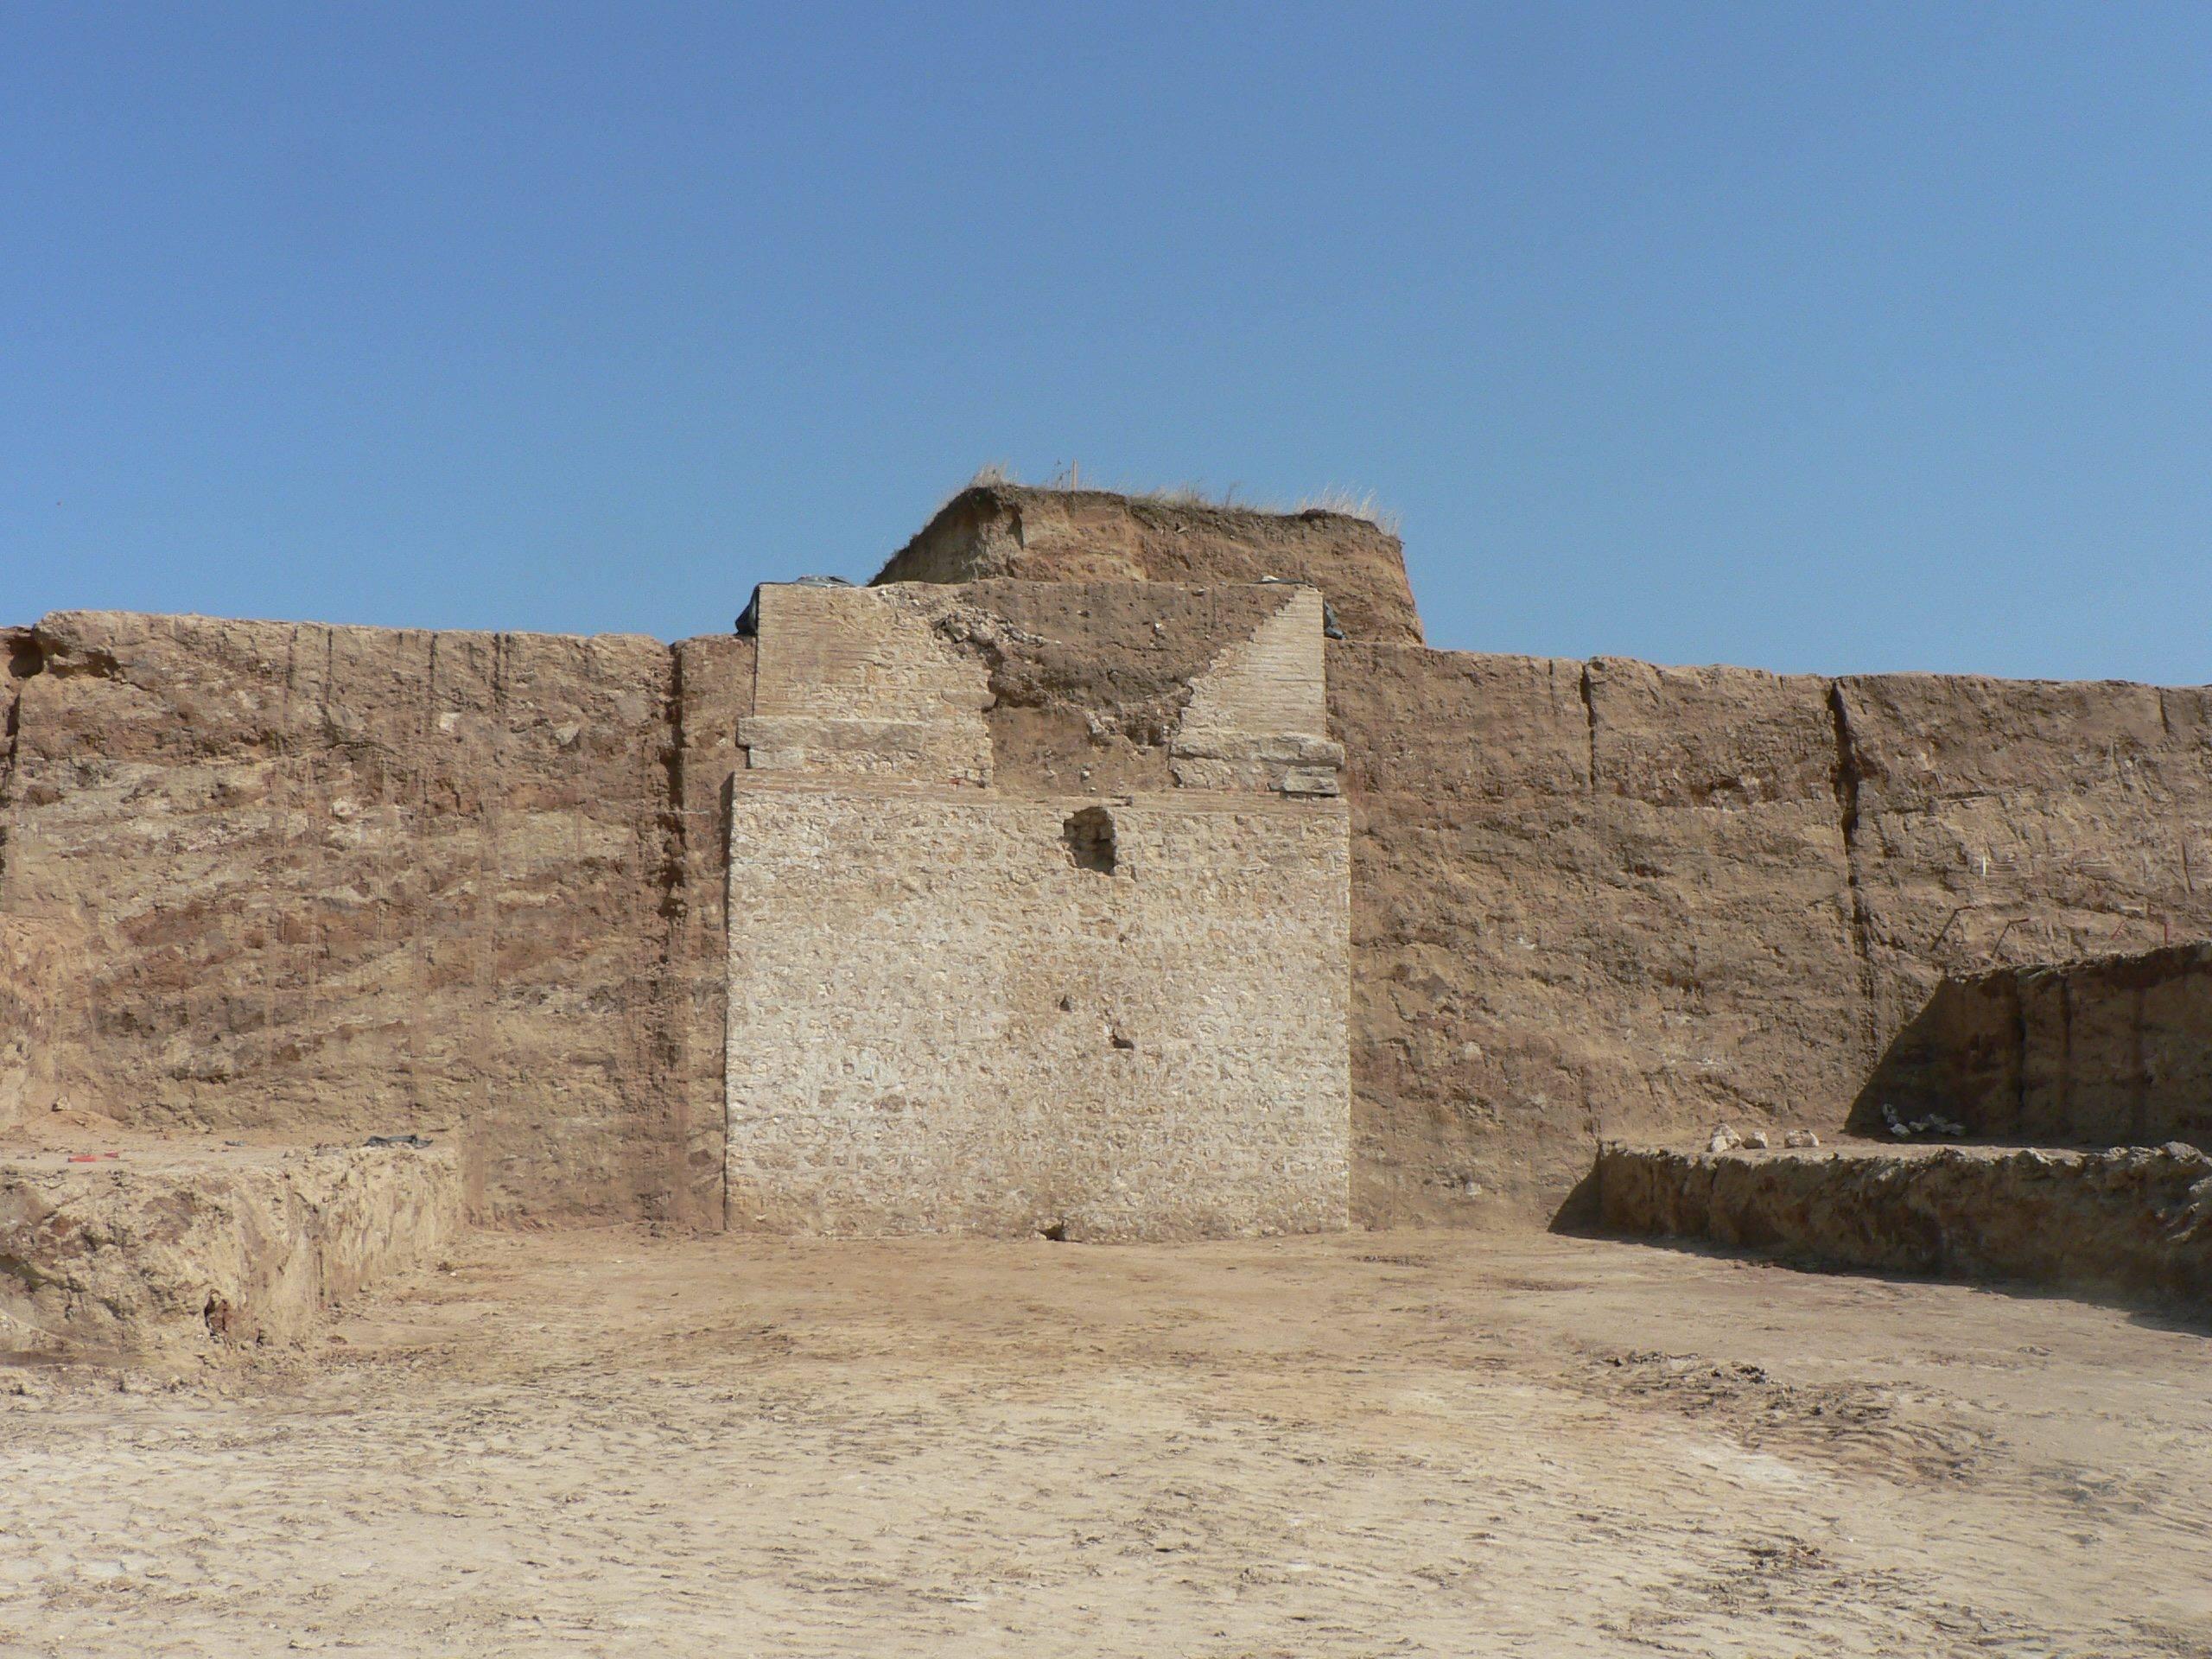 Кто такой Филипп I Араб, и что связывает его с курганом Малтепе